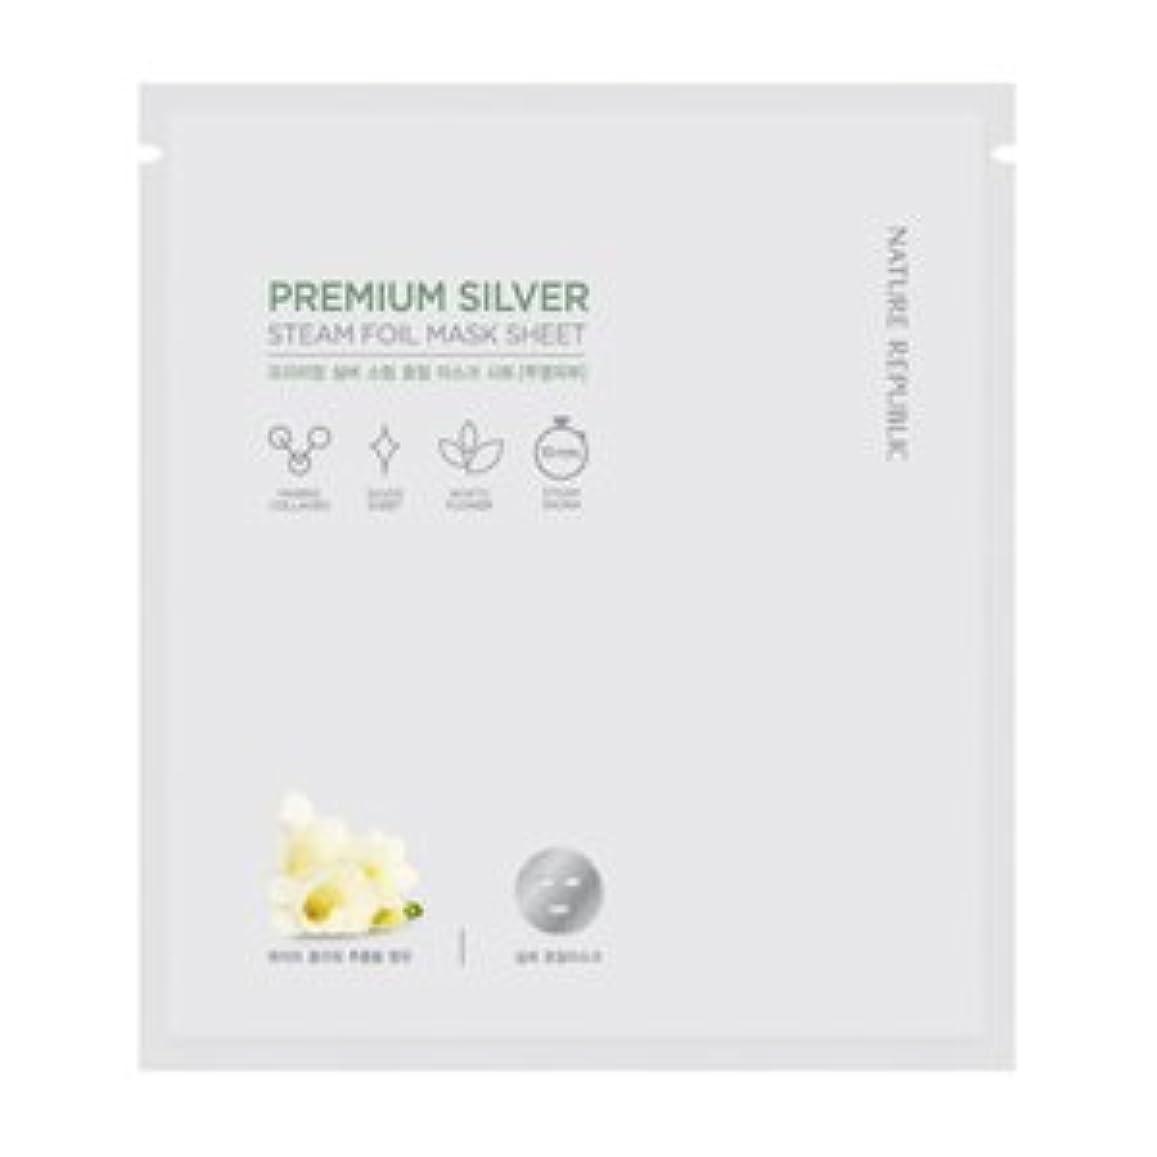 機転入るブラジャーNature Republic Premium silver Steam Foil Mask Sheet [5ea] ネーチャーリパブリック プレミアムシルバースチームホイルマスクシート [5枚] [並行輸入品]